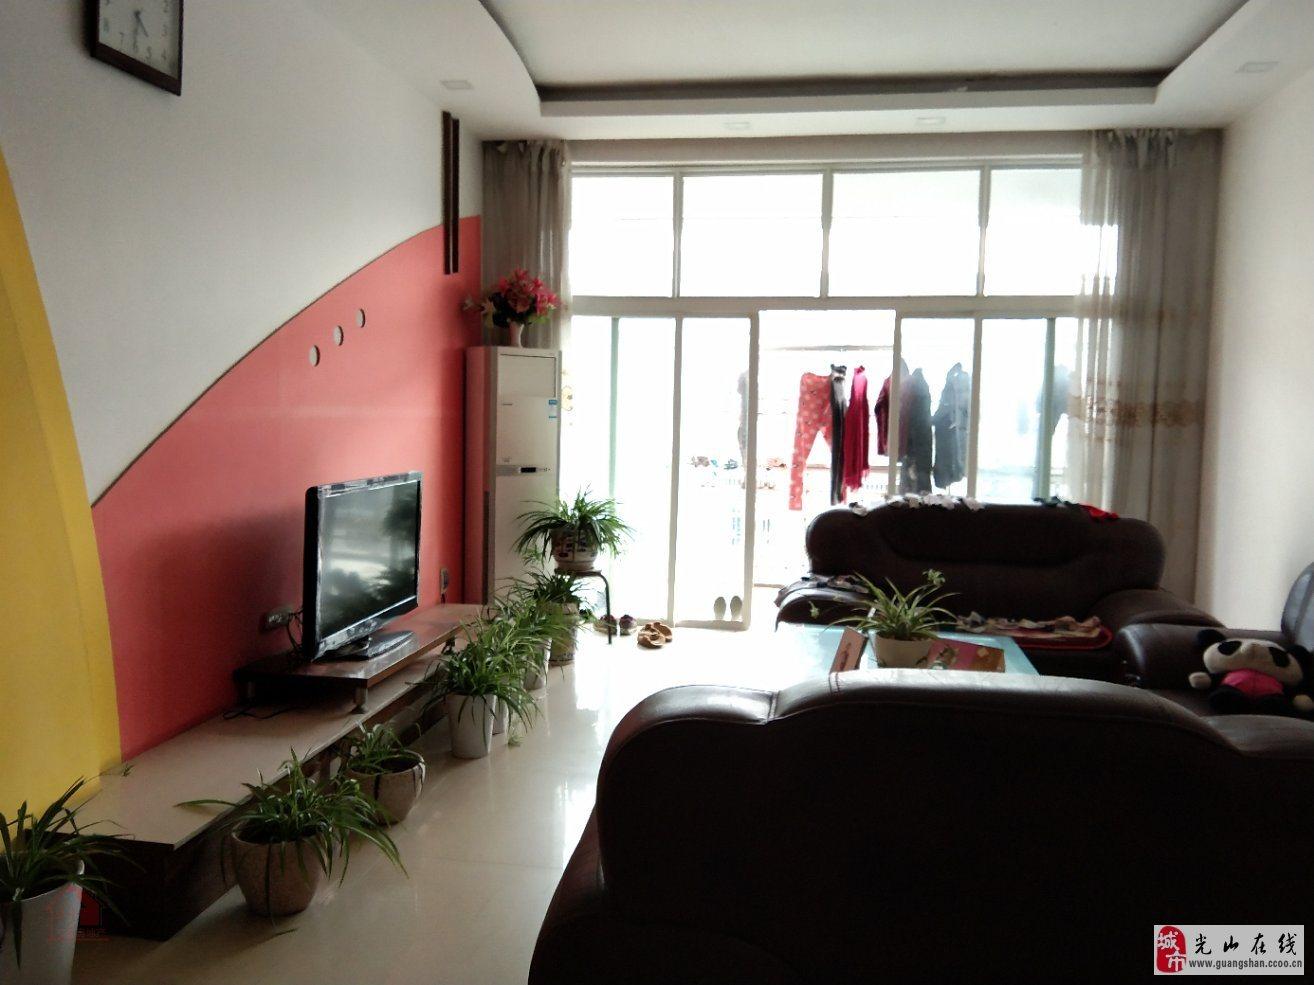 紫弦庭苑3室2厅2卫60万元可按揭送车棚